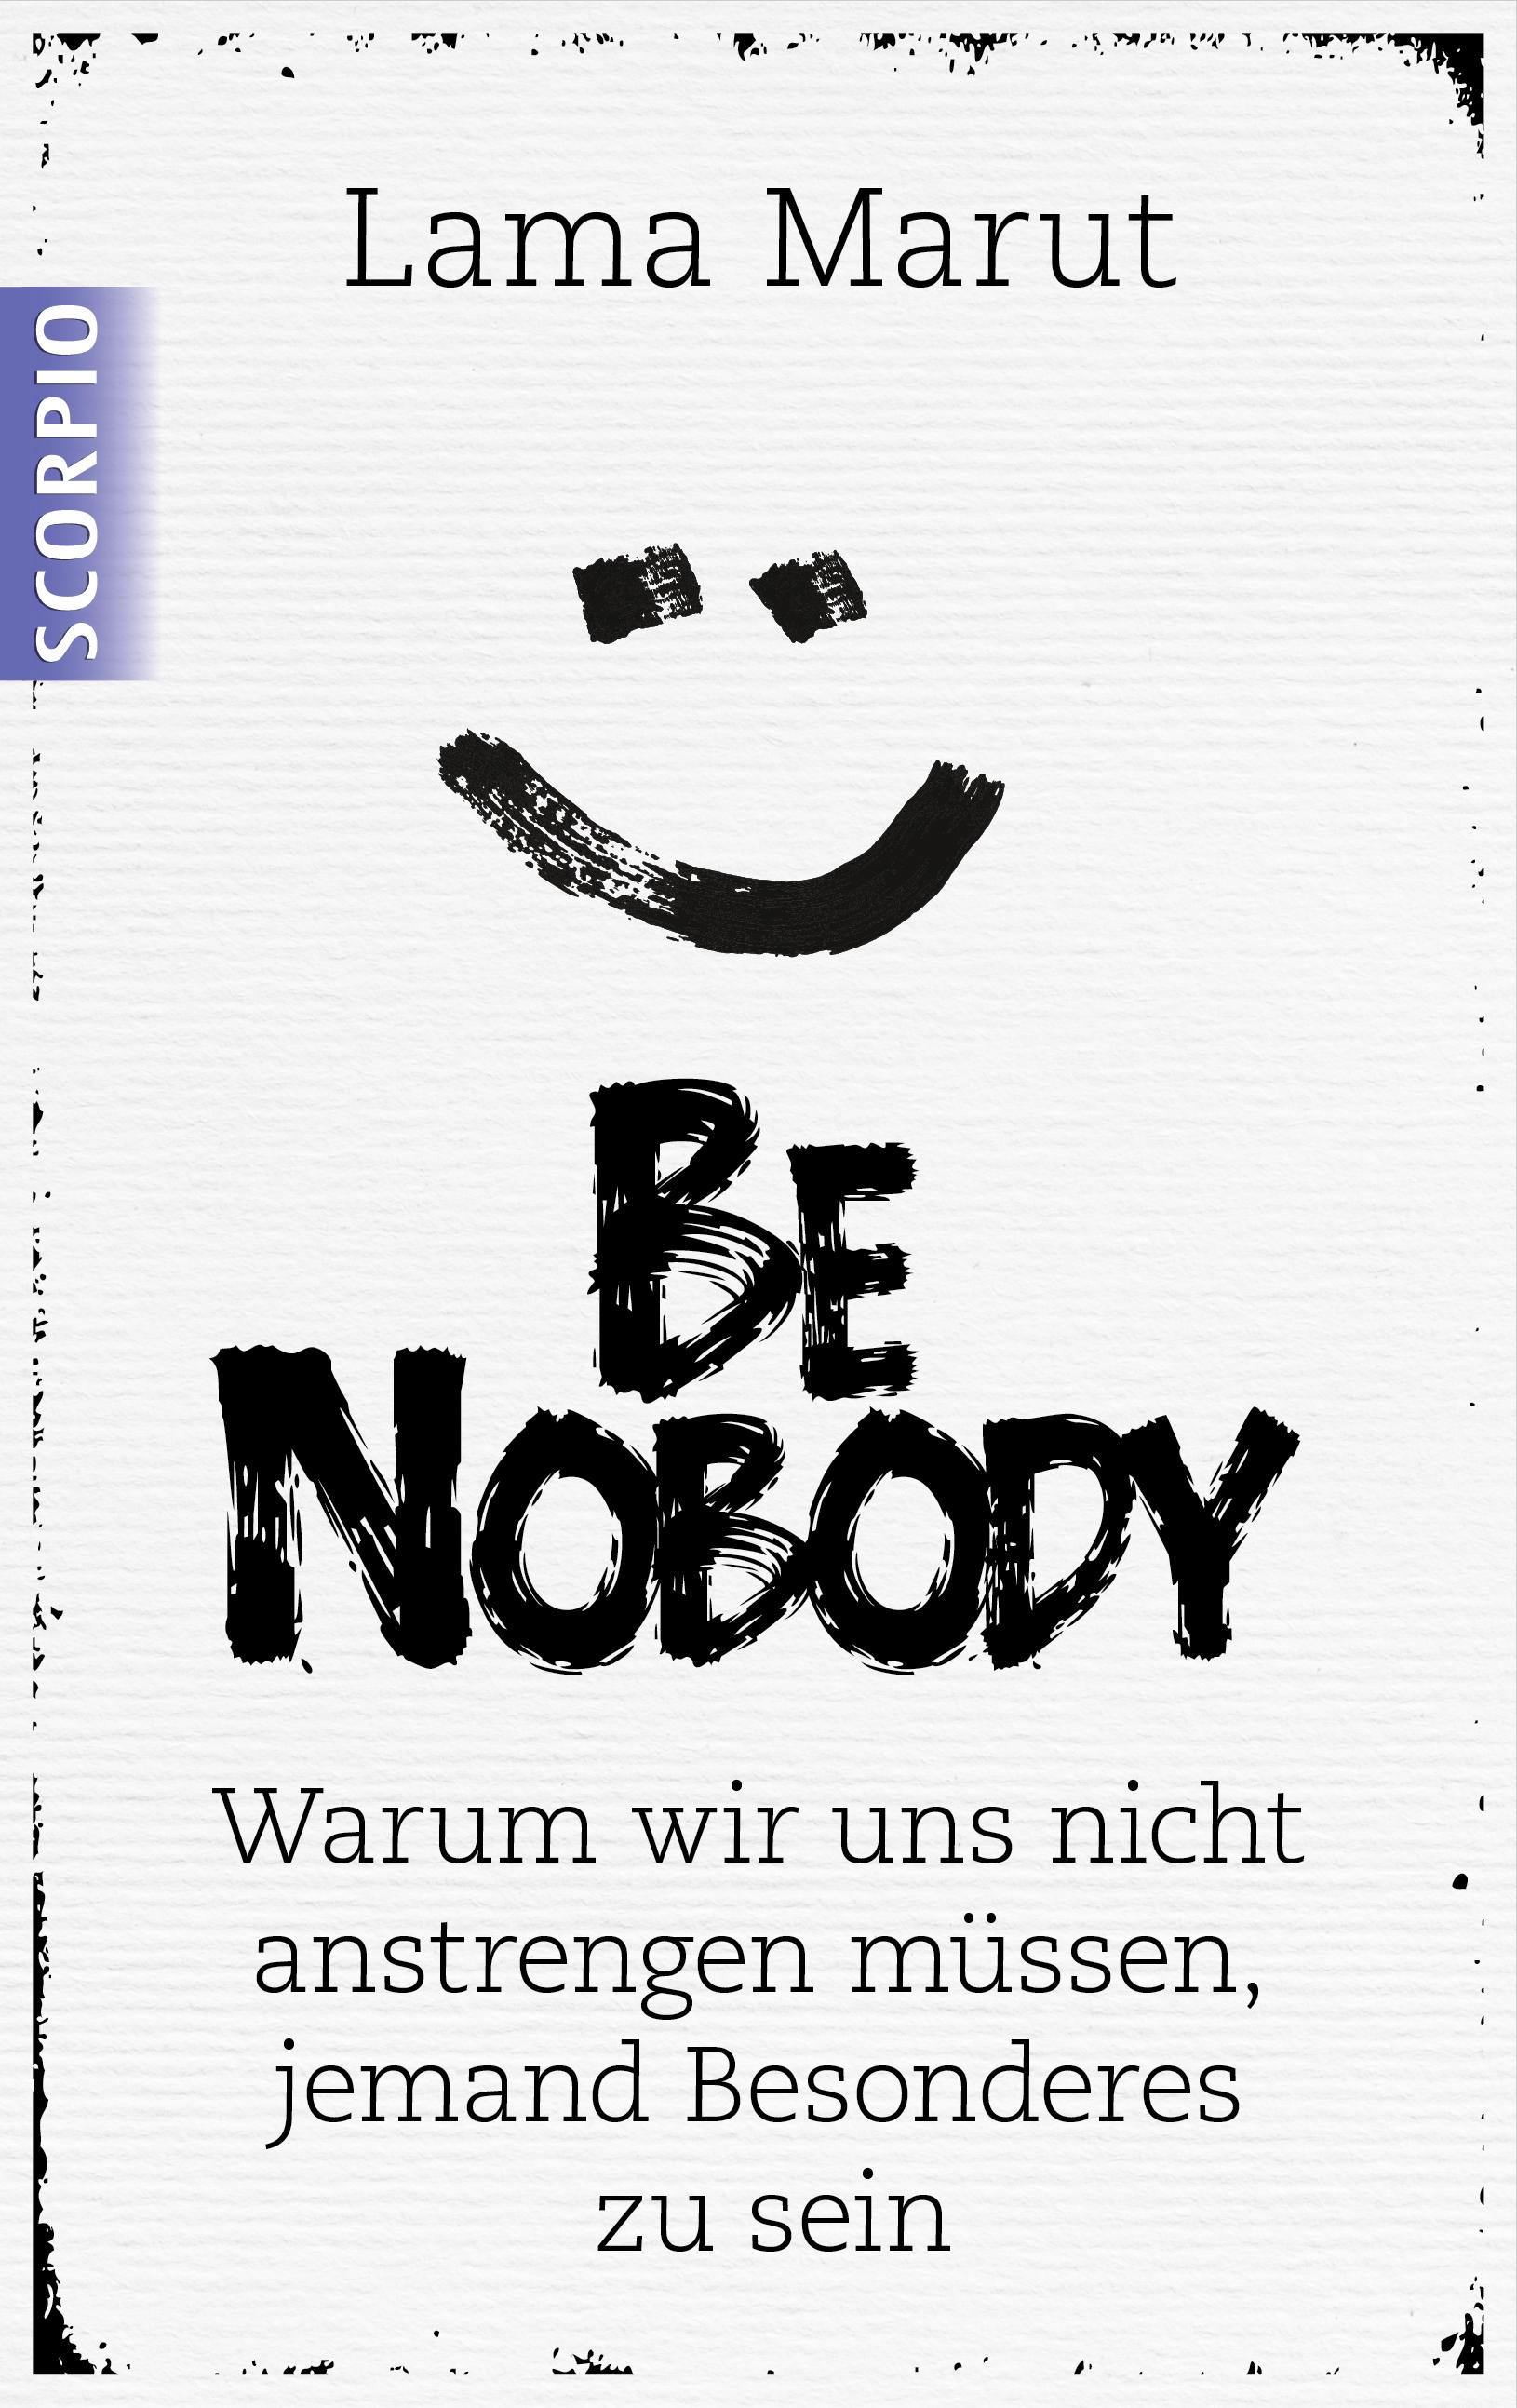 Be Nobody: Warum wir uns nicht anstrengen müssen, etwas Besonderes zu sein - Lama Marut